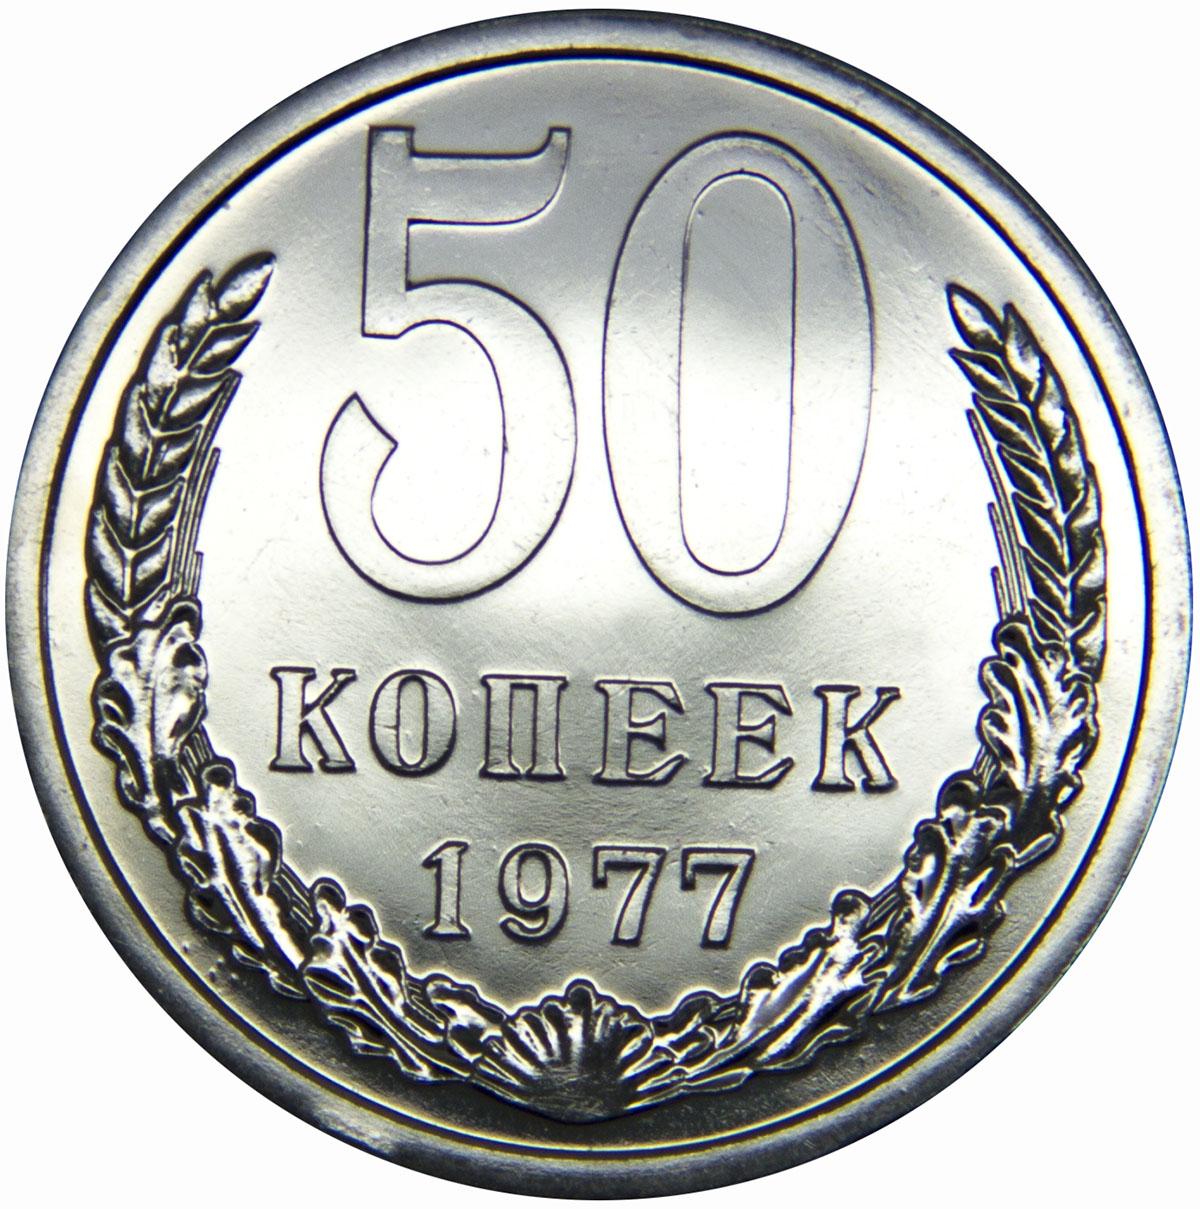 Монета номиналом 50 копеек. Медно-никелевый сплав. Сохранность UNC. СССР, 1977 годОС27728Диаметр монеты: 24 мм Вес: 4,4 г. Материал: медь-никель Гурт: надпись